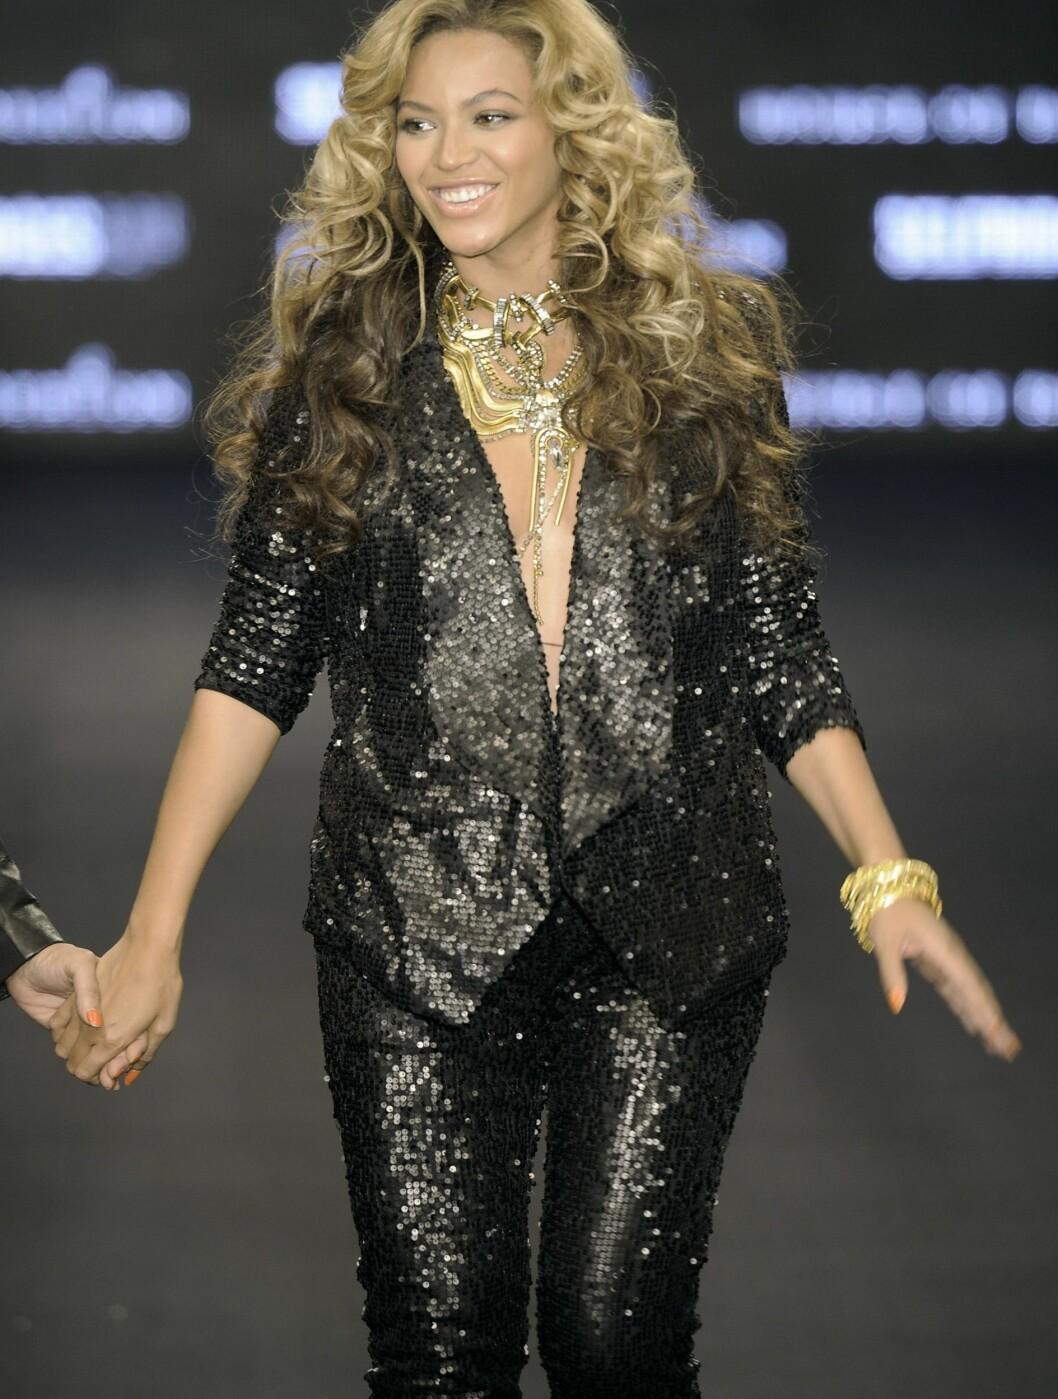 <strong>EGENDESIGN:</strong> Beyoncé og moren Tina var nylig i London for å promotere klemerket deres House of Deveron. Her er den vakre artisten gravid og iført egendesign. Foto: All Over Press